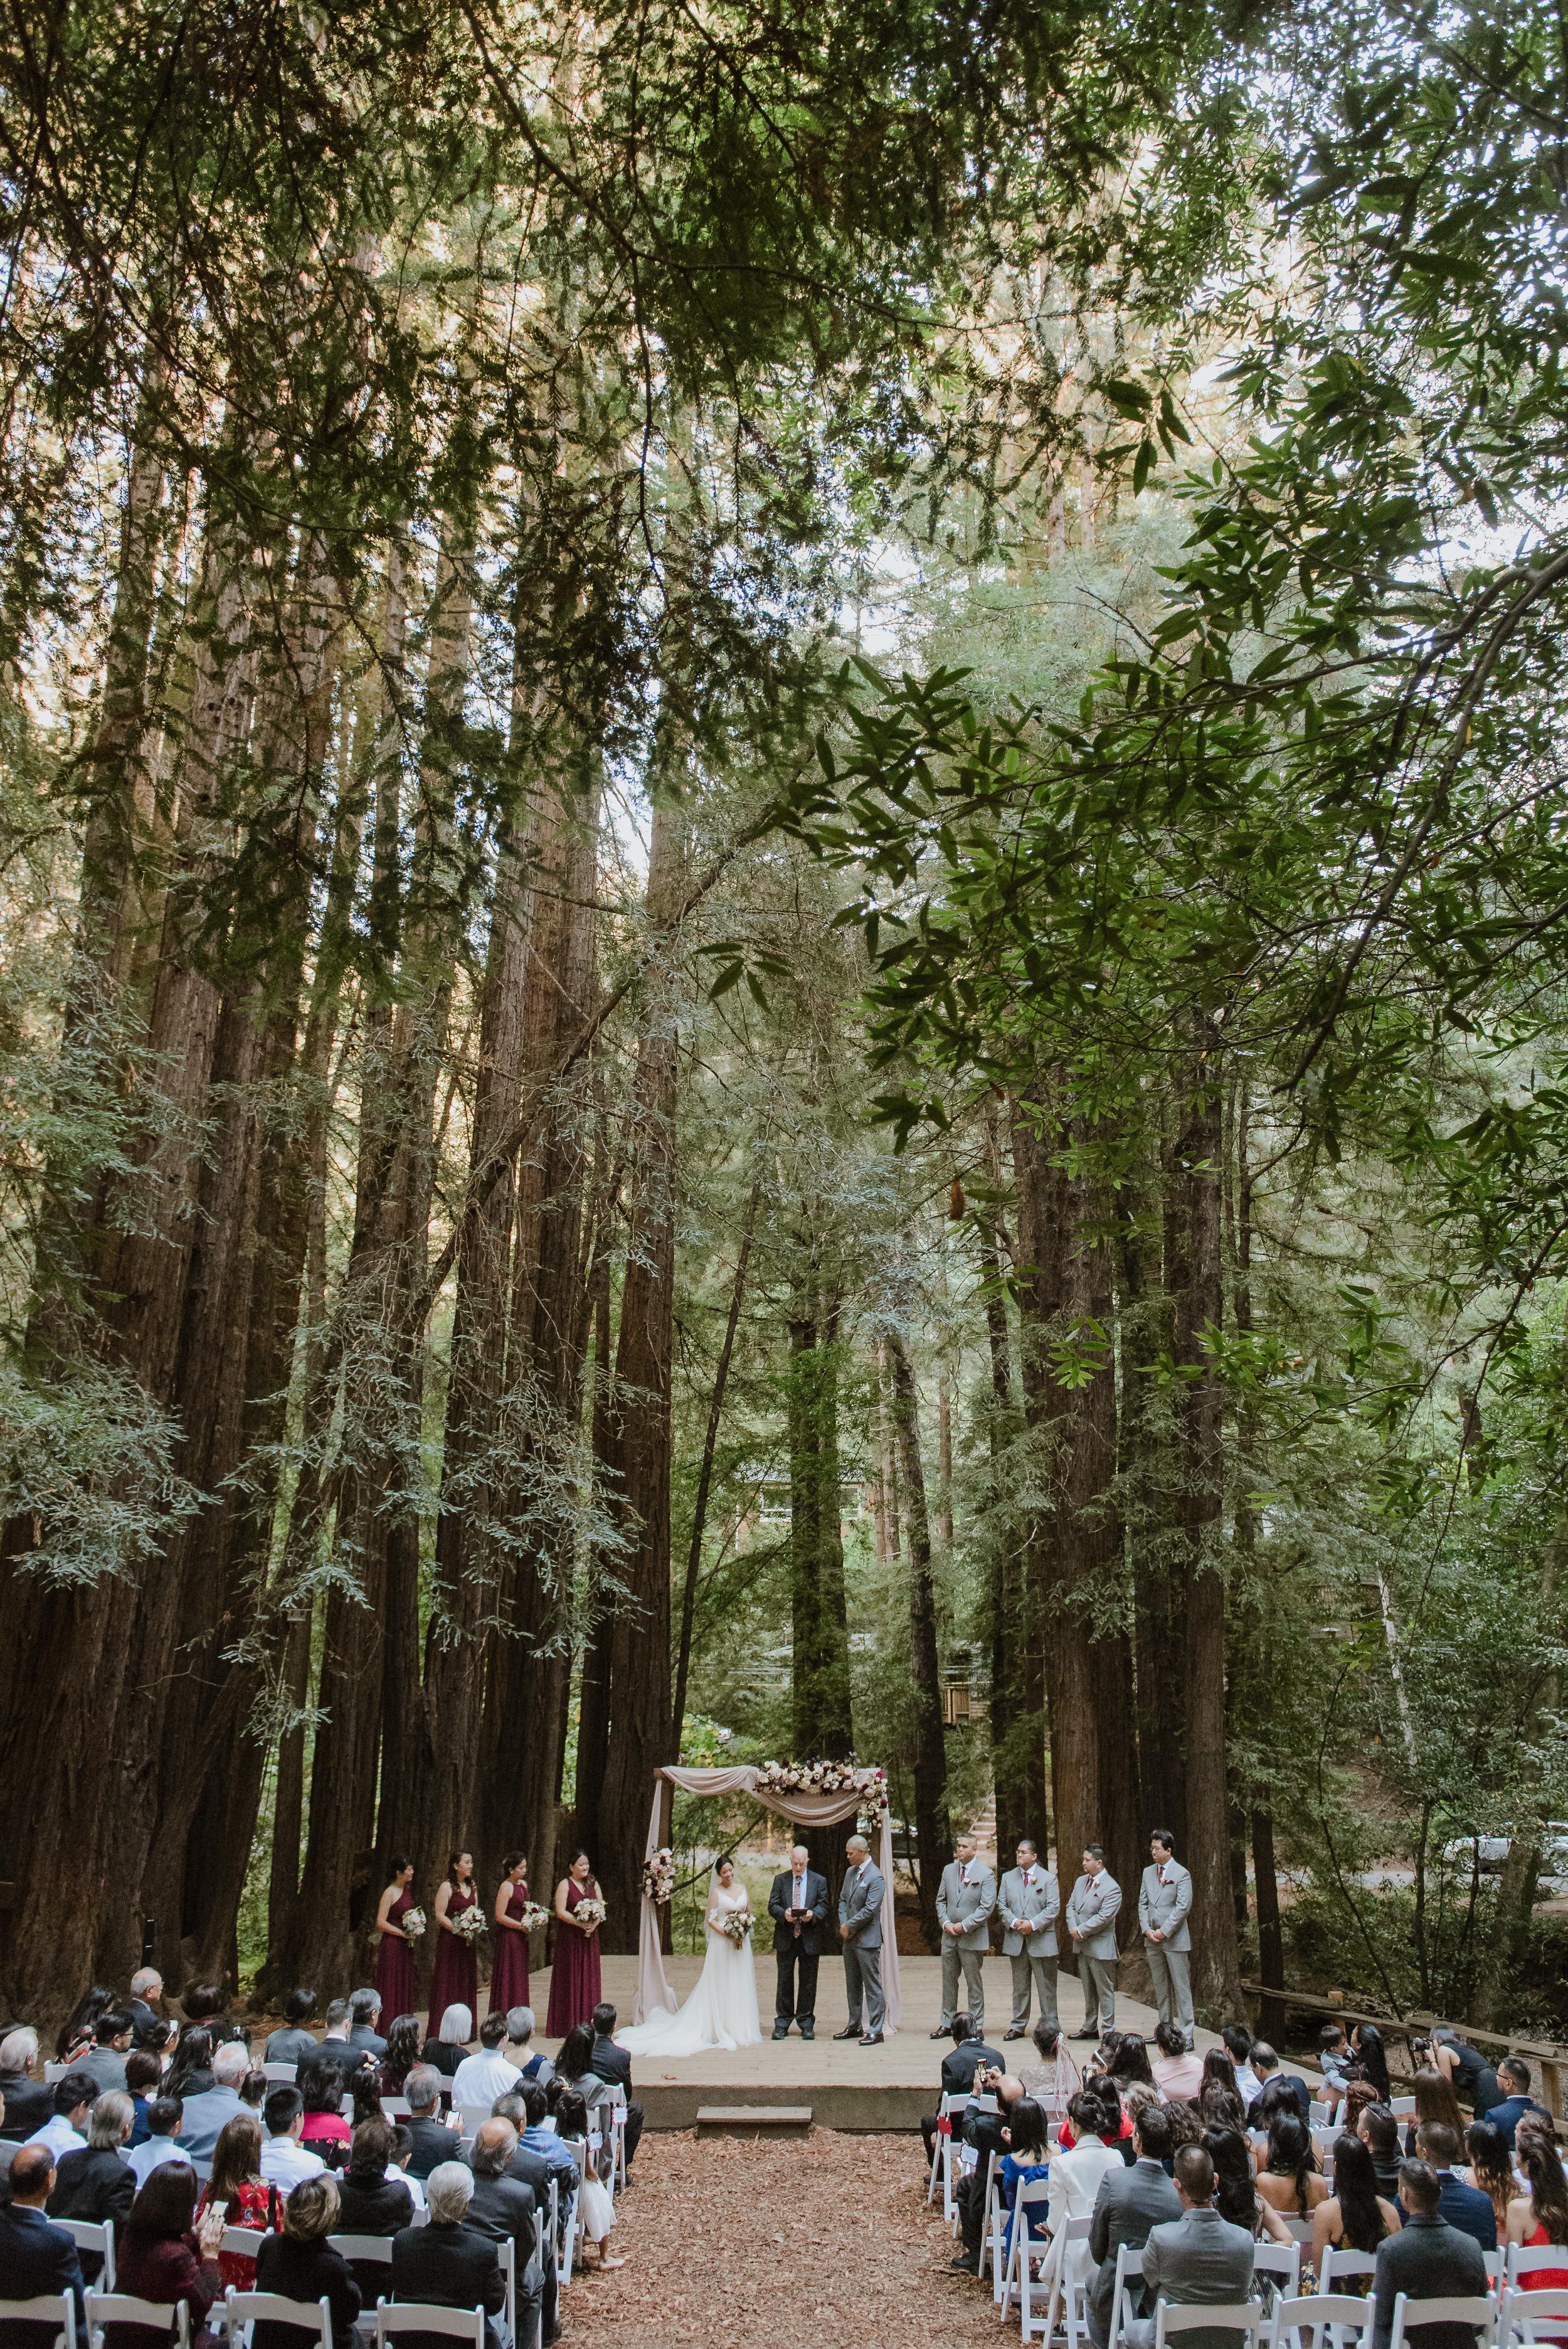 33-old-mill-park-mill-valley-community-center-wedding-vivianchen-319.jpg